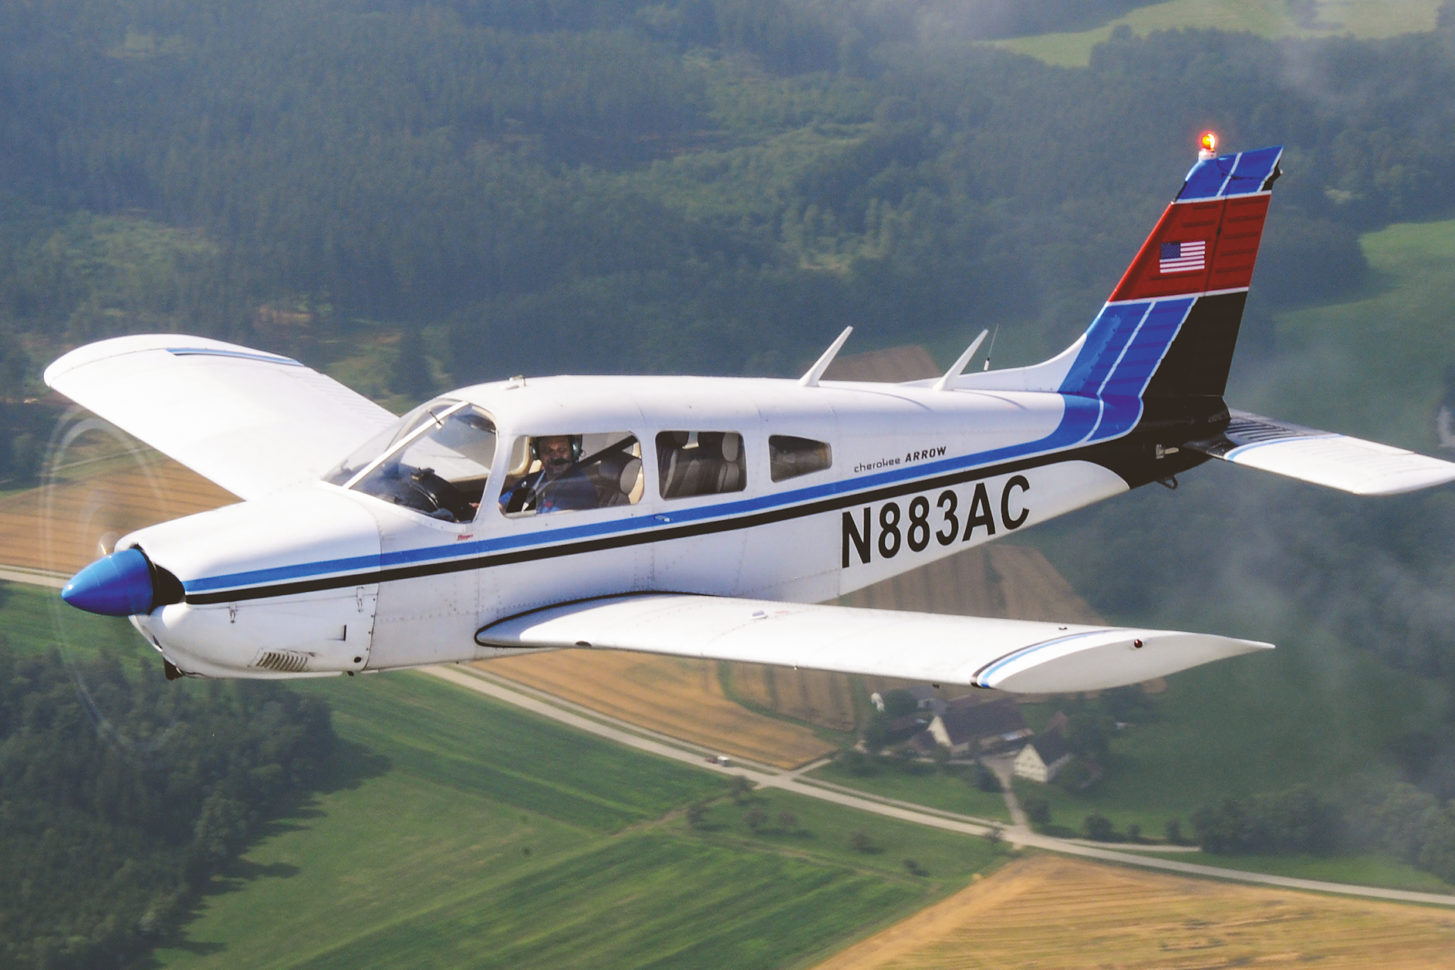 N883AC Air